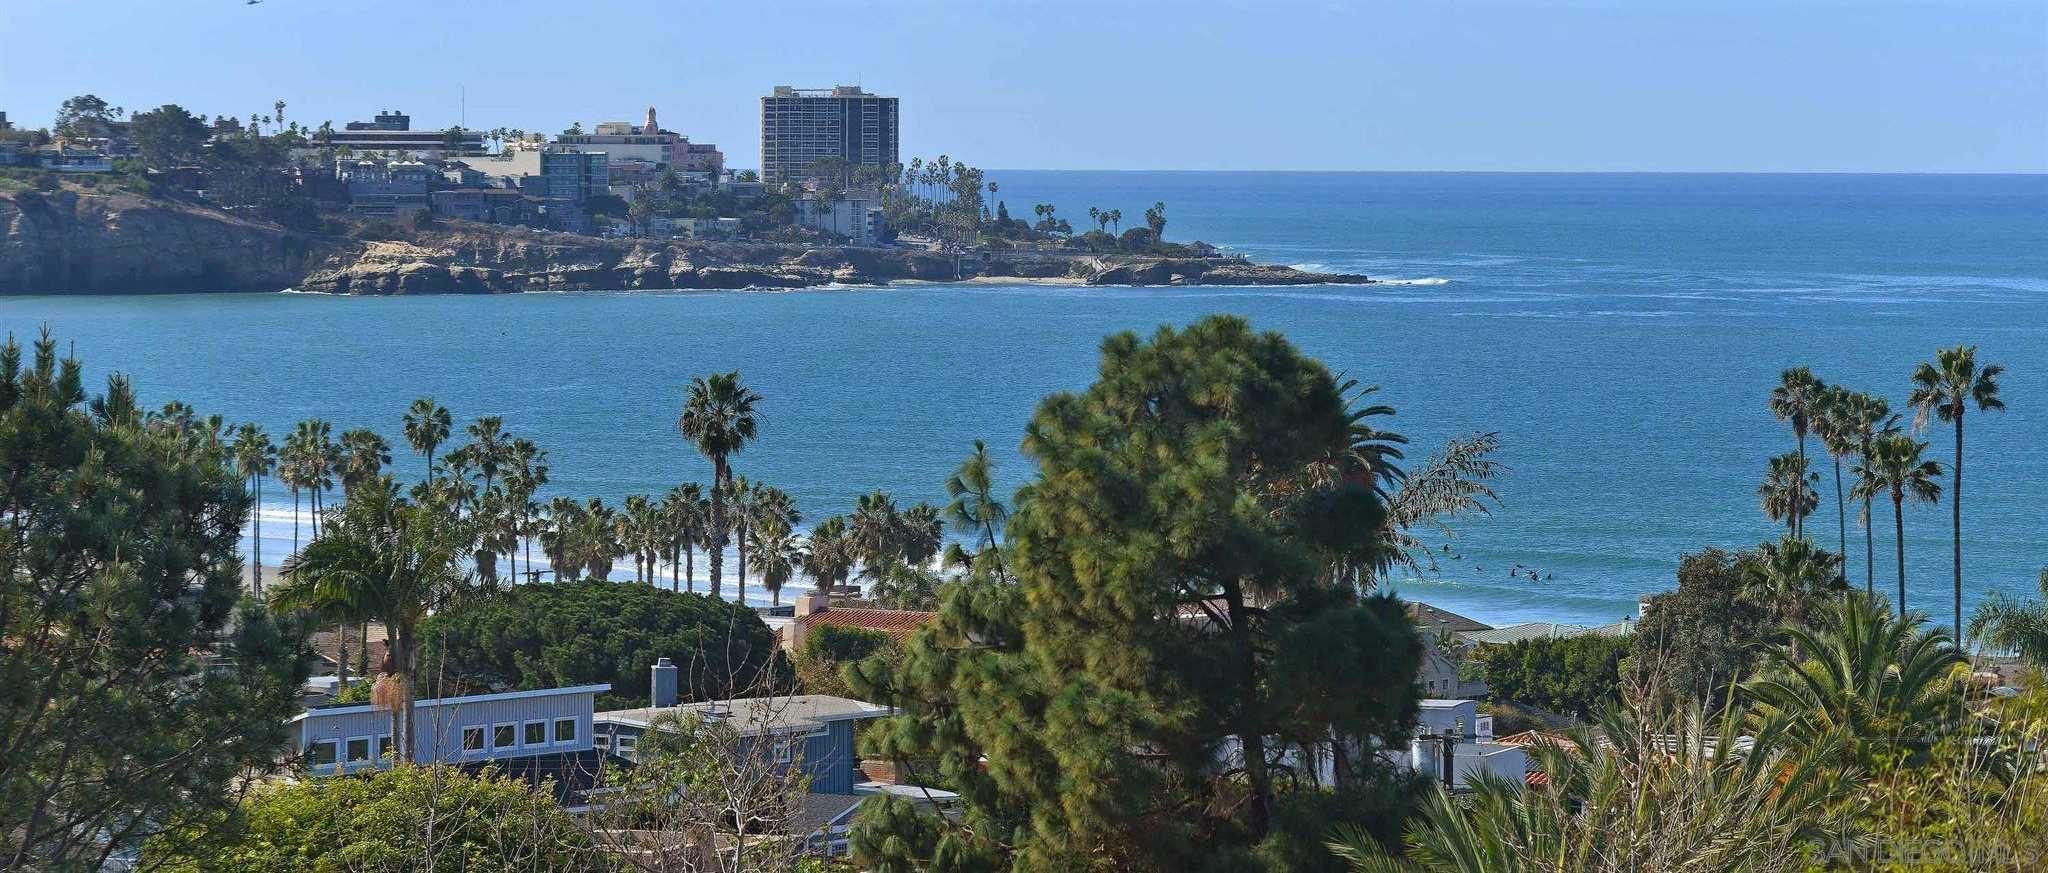 $4,800,000 - 4Br/4Ba -  for Sale in La Jolla Shores, La Jolla